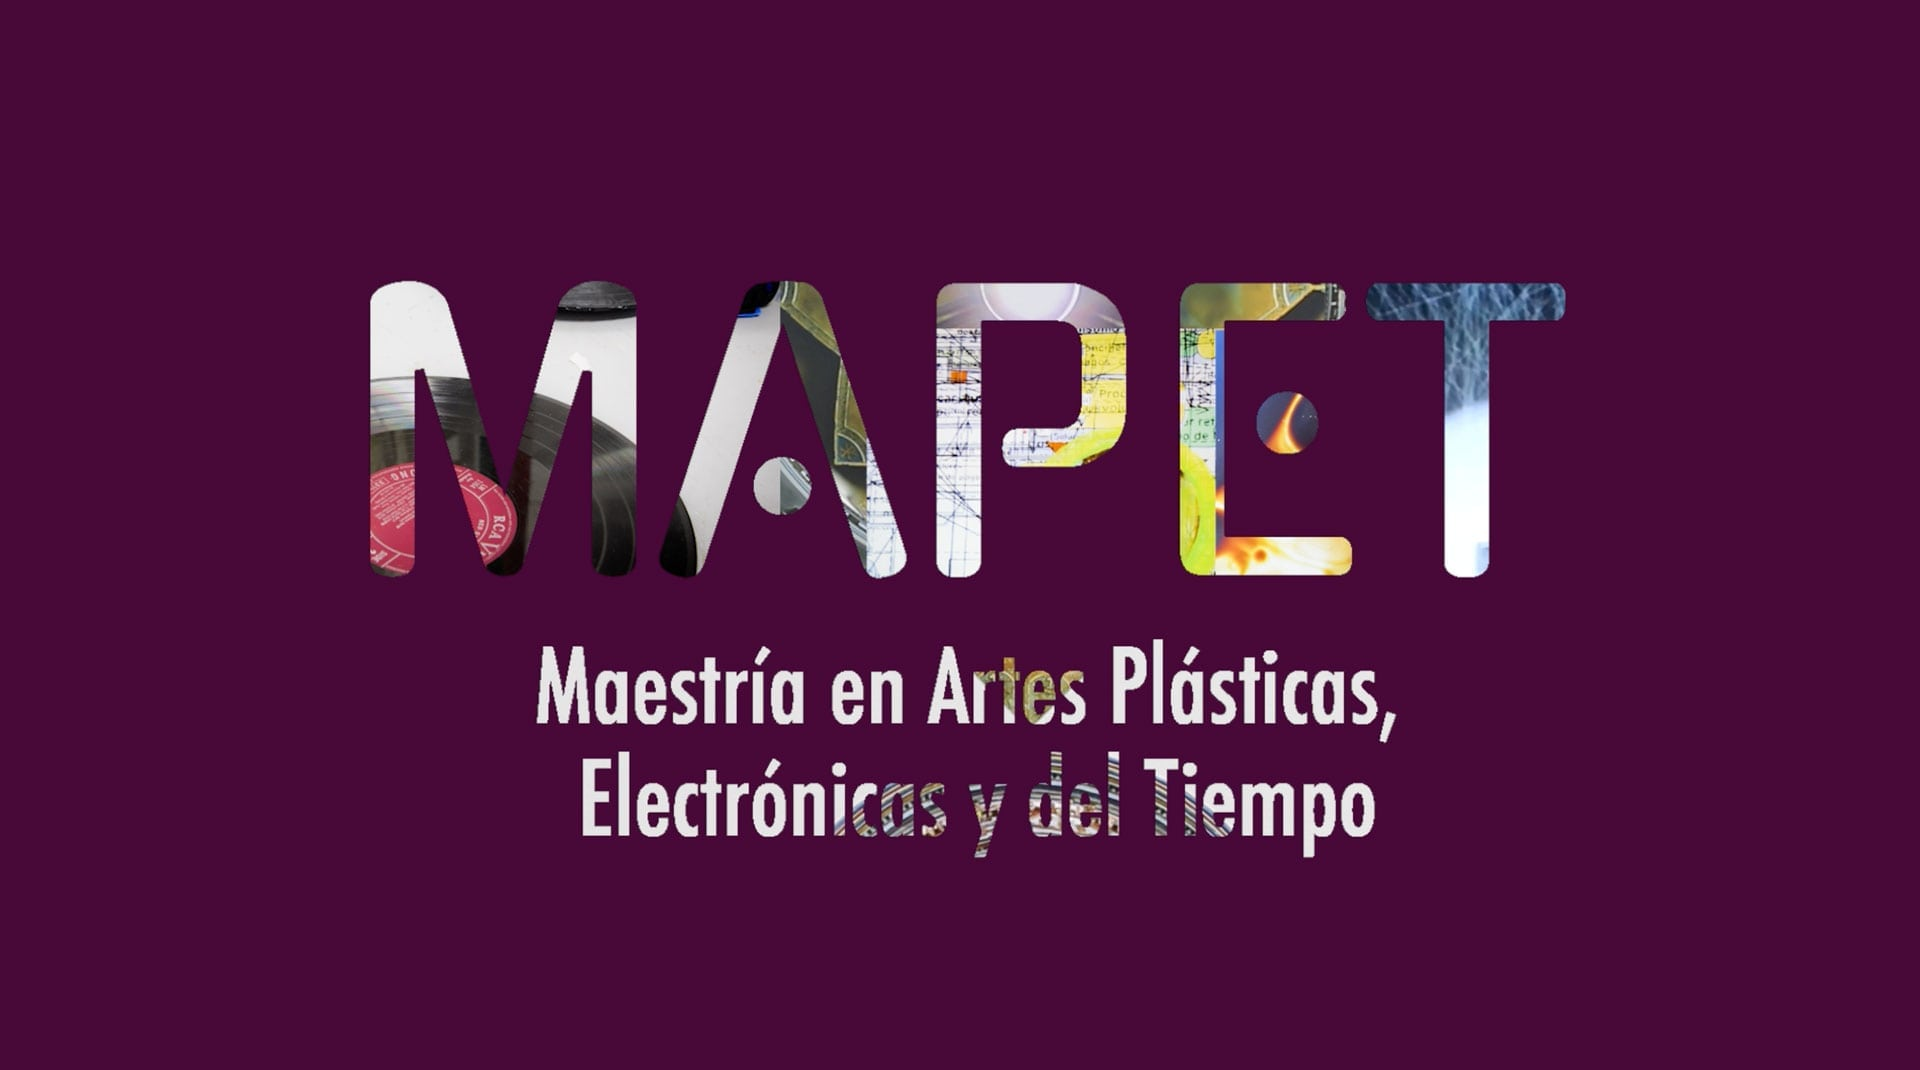 Conozca los estudiantes de la Maestría en Artes Plásticas, Electrónicas y del Tiempo